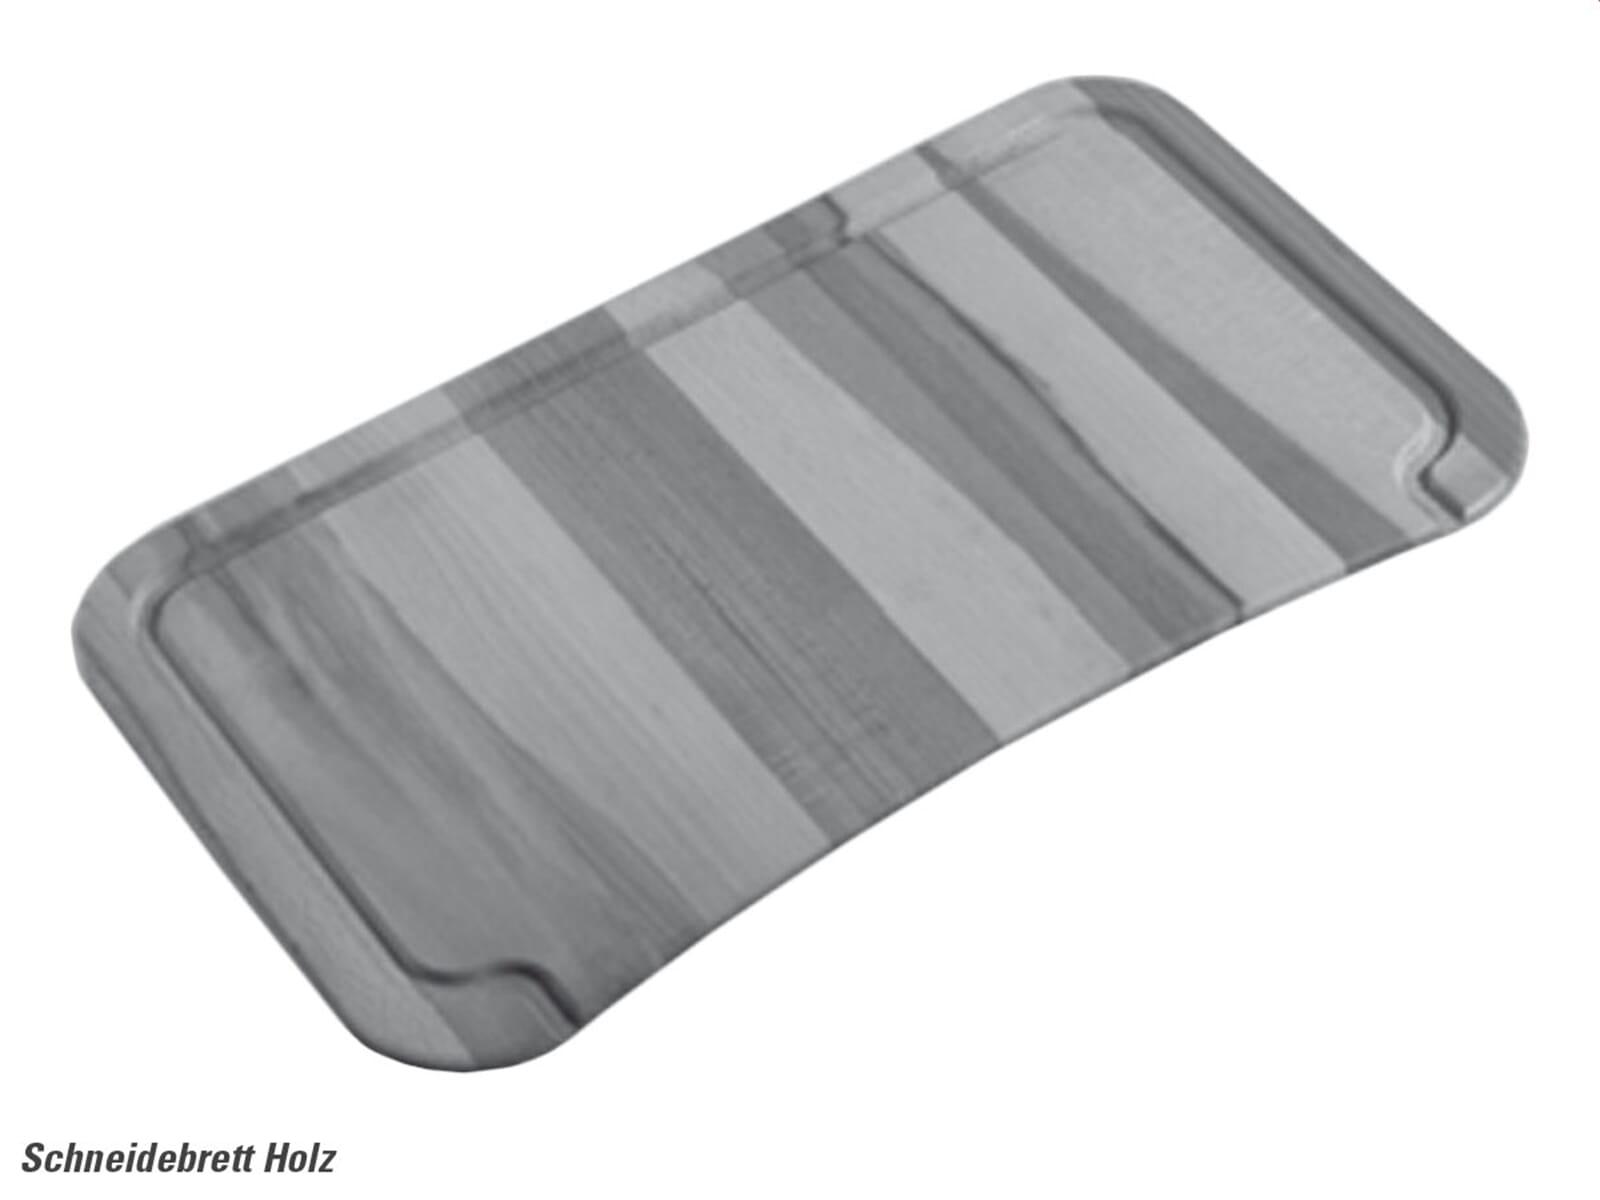 Produktabbildung Schneidebrett Holz 0741